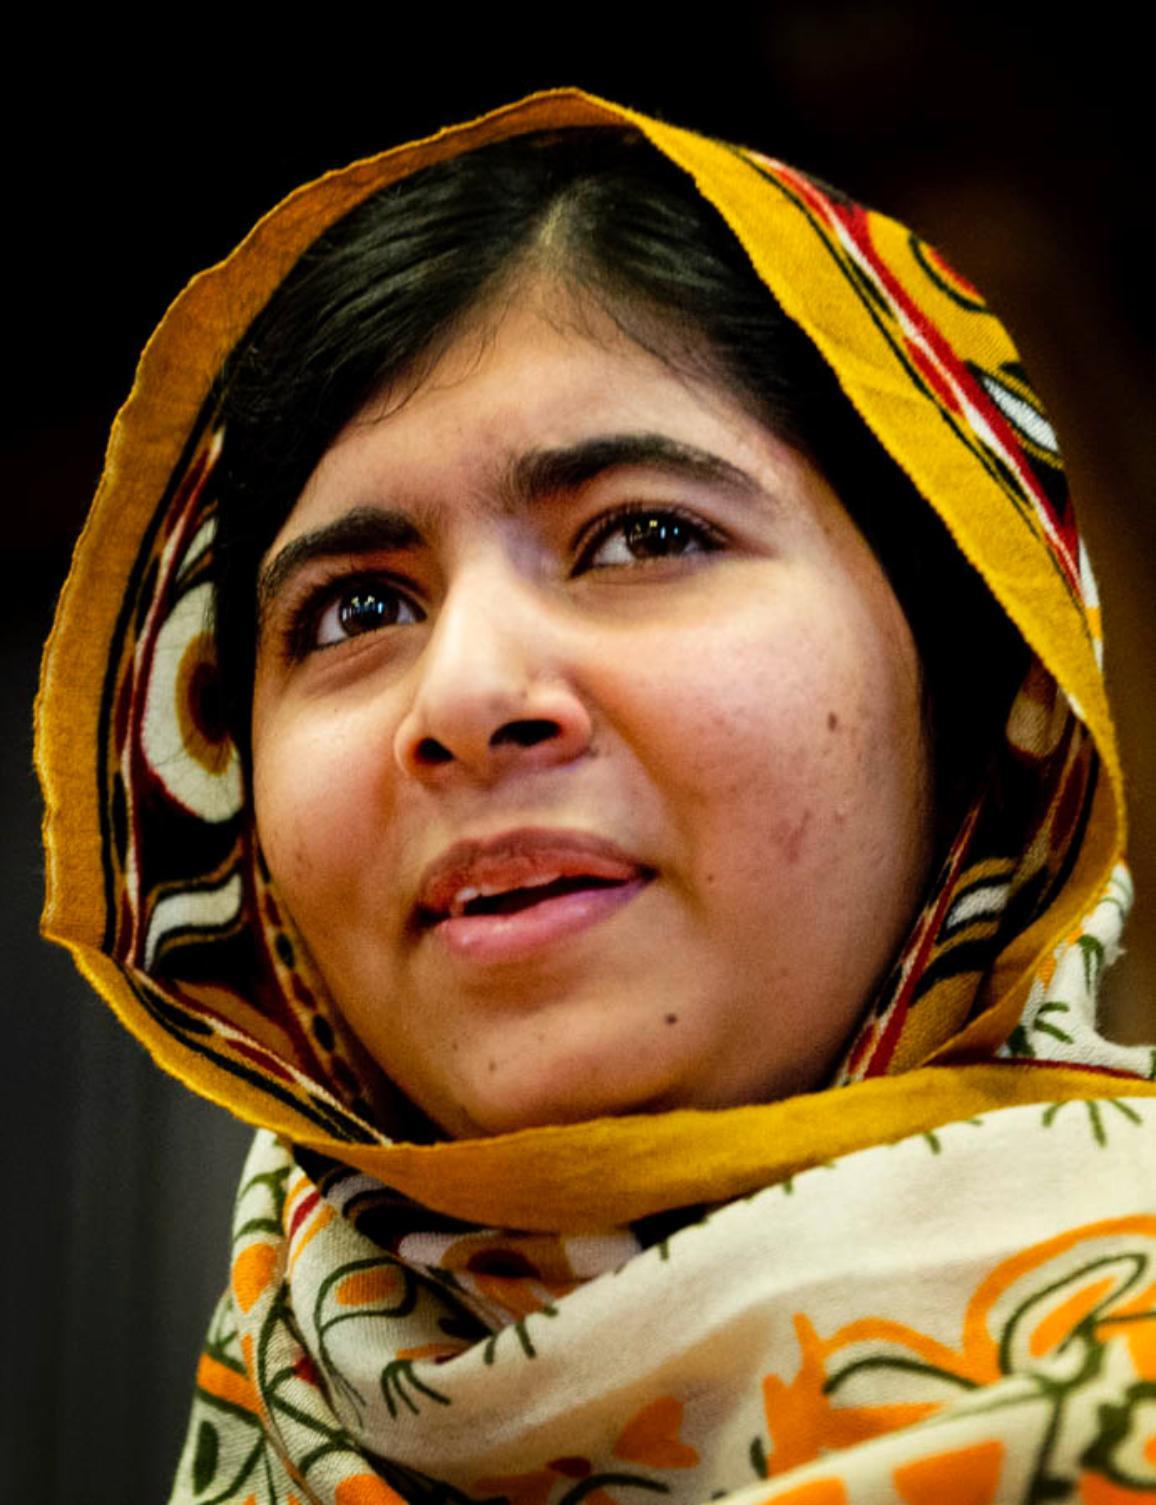 Malala Yousafzai, militante pakistanaise pour l'éducation des filles, est la lauréate du Prix Sakharov 2013